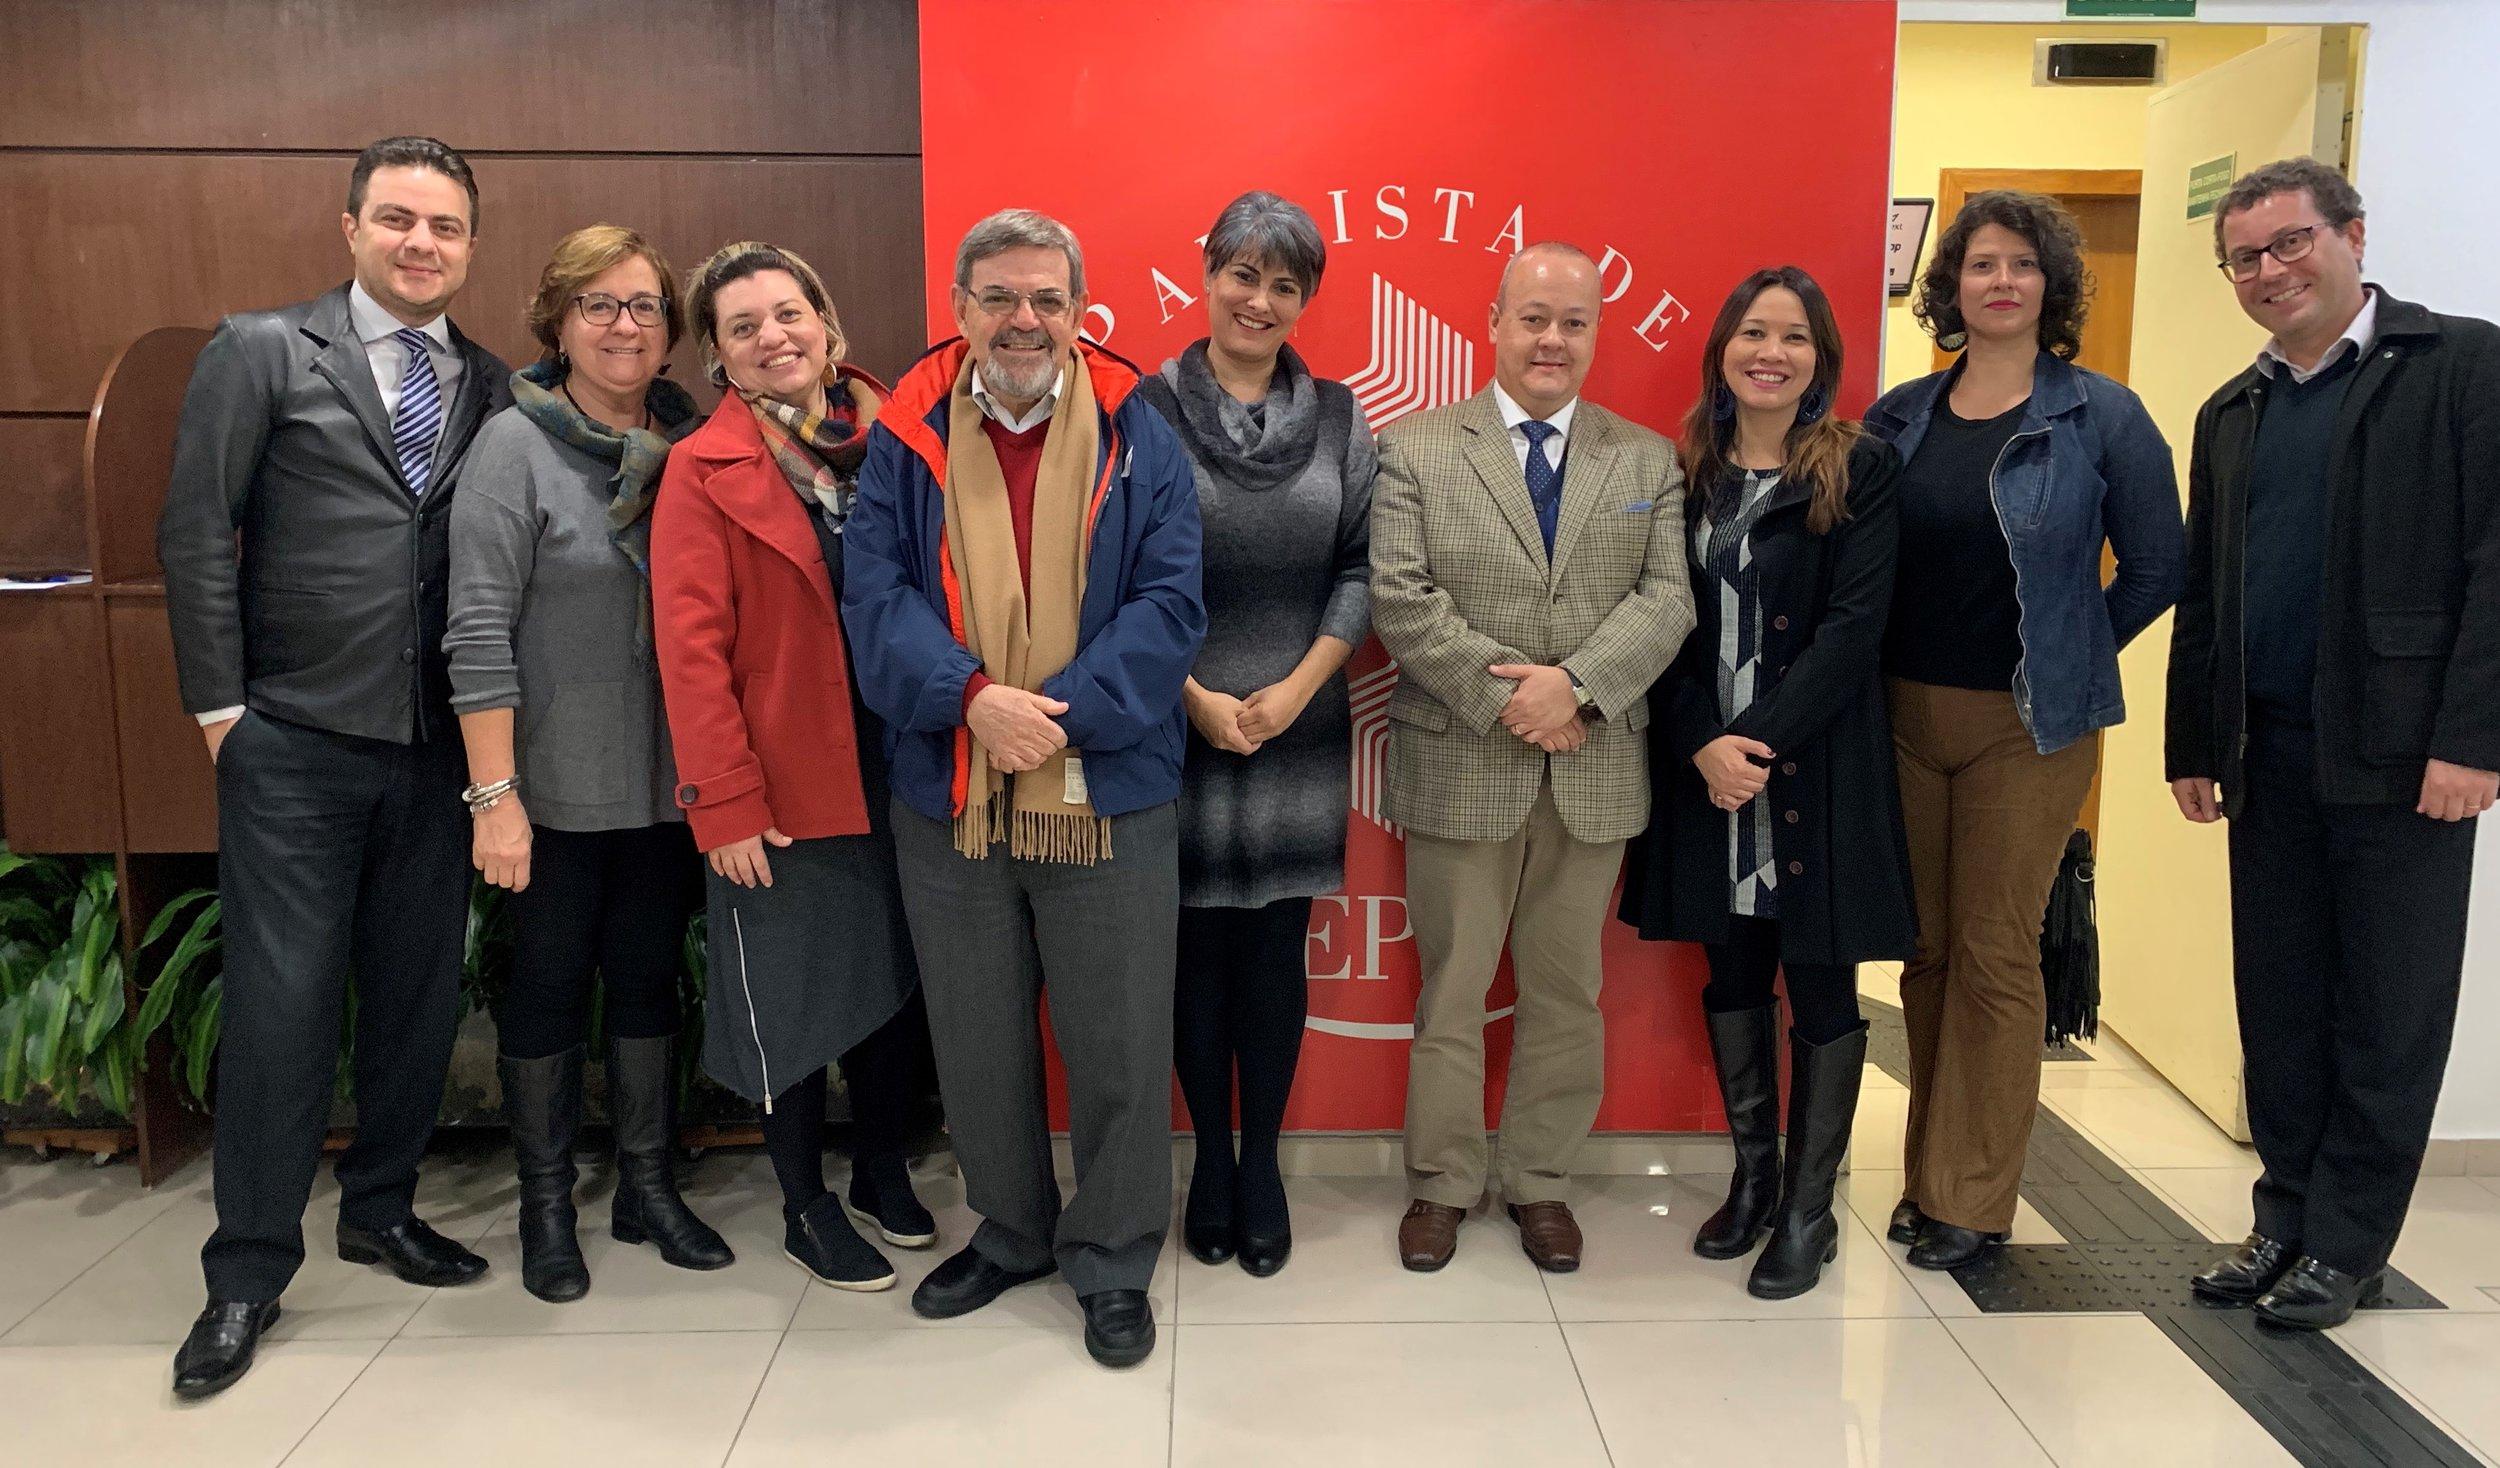 Professores da EPD na recepção aos palestrantes da noite.